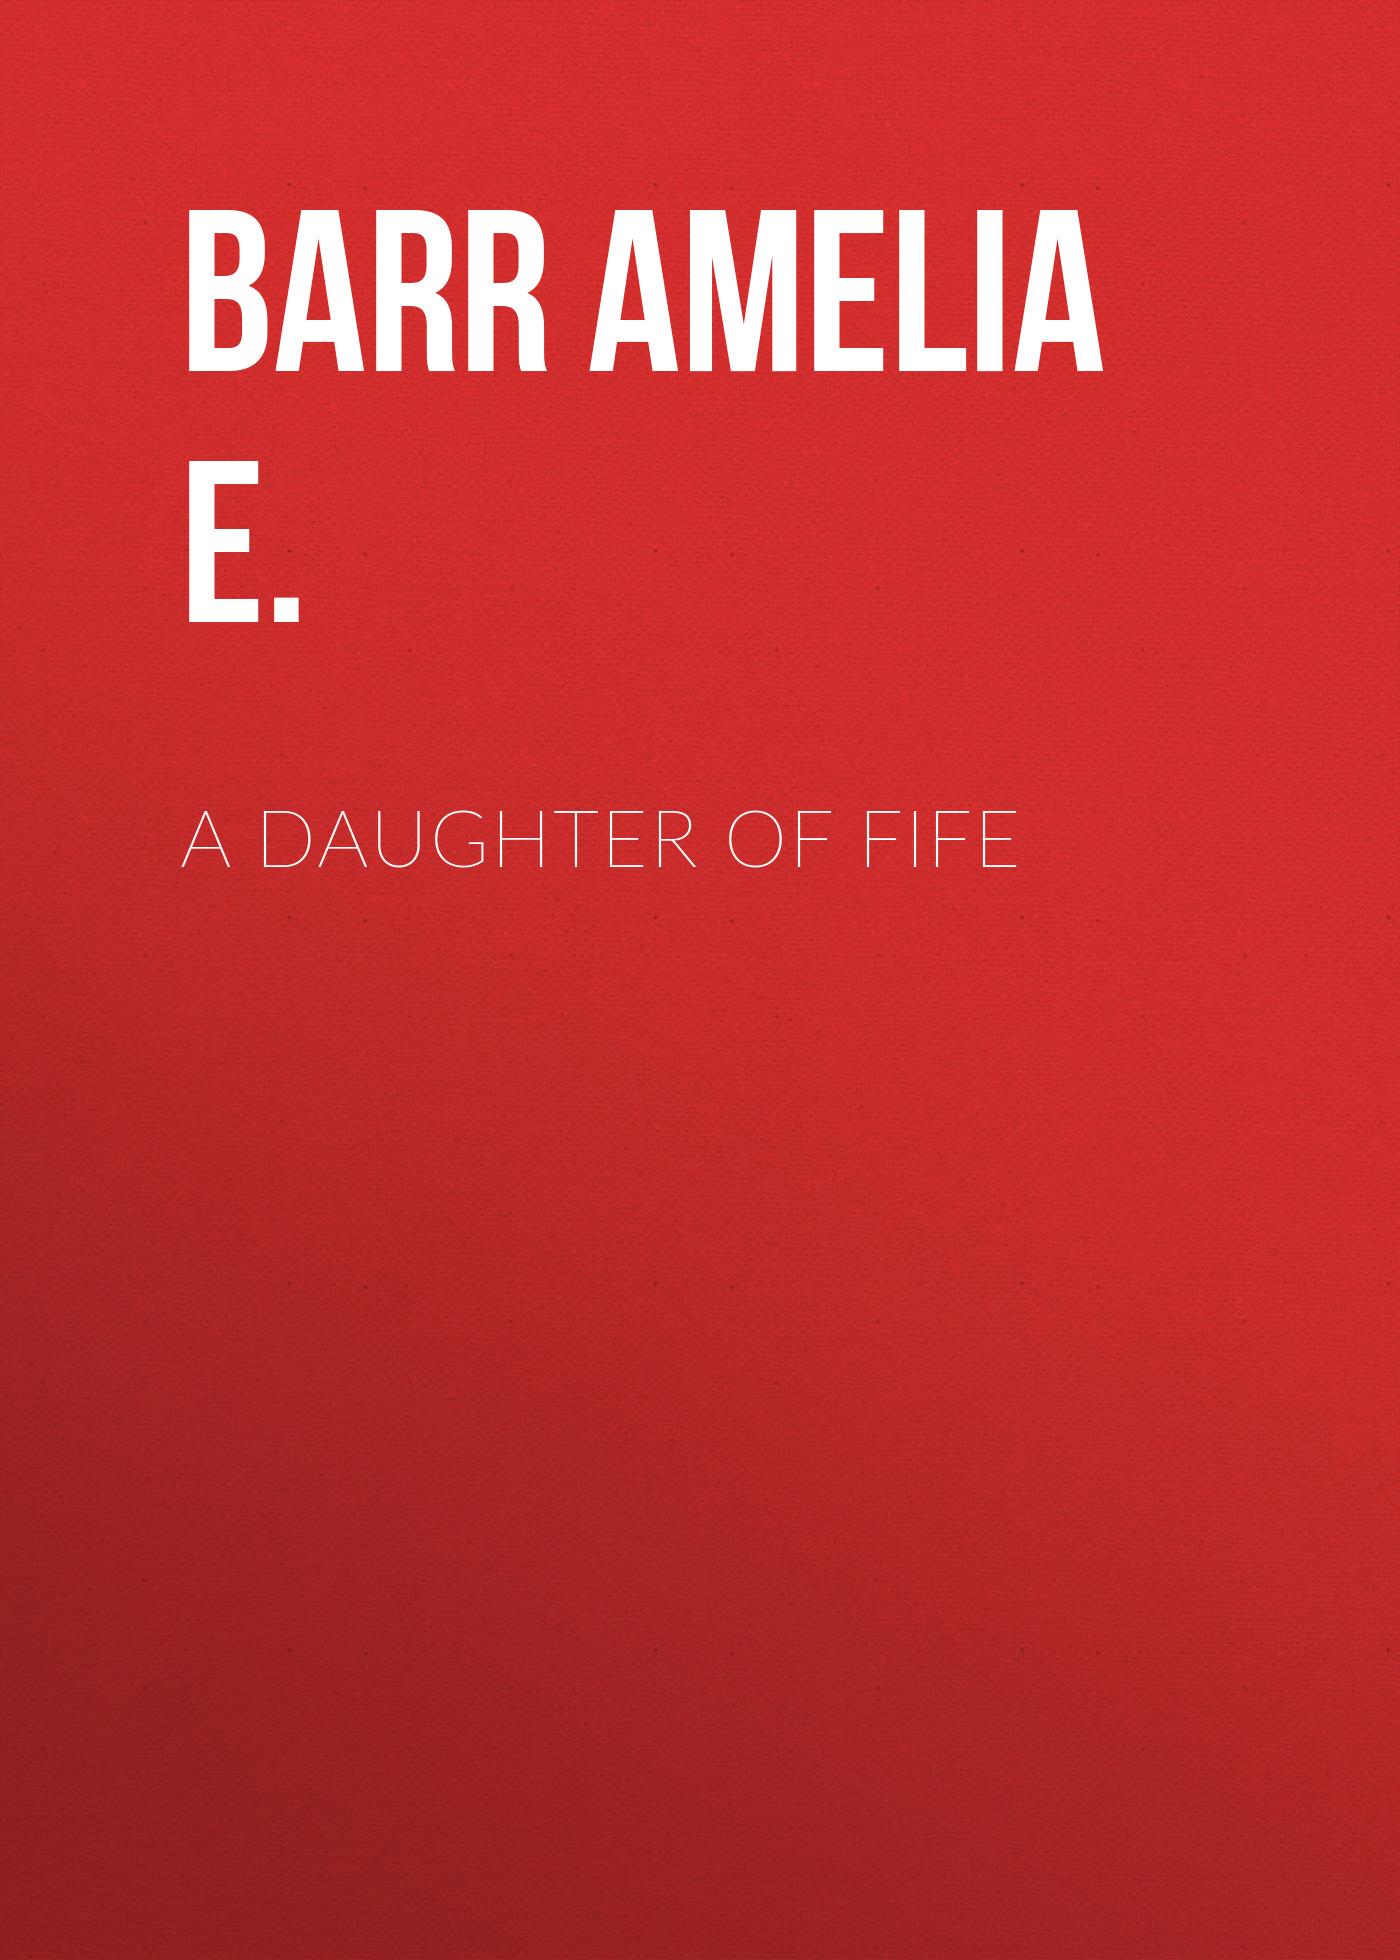 Barr Amelia E. A Daughter of Fife barr amelia e the maid of maiden lane